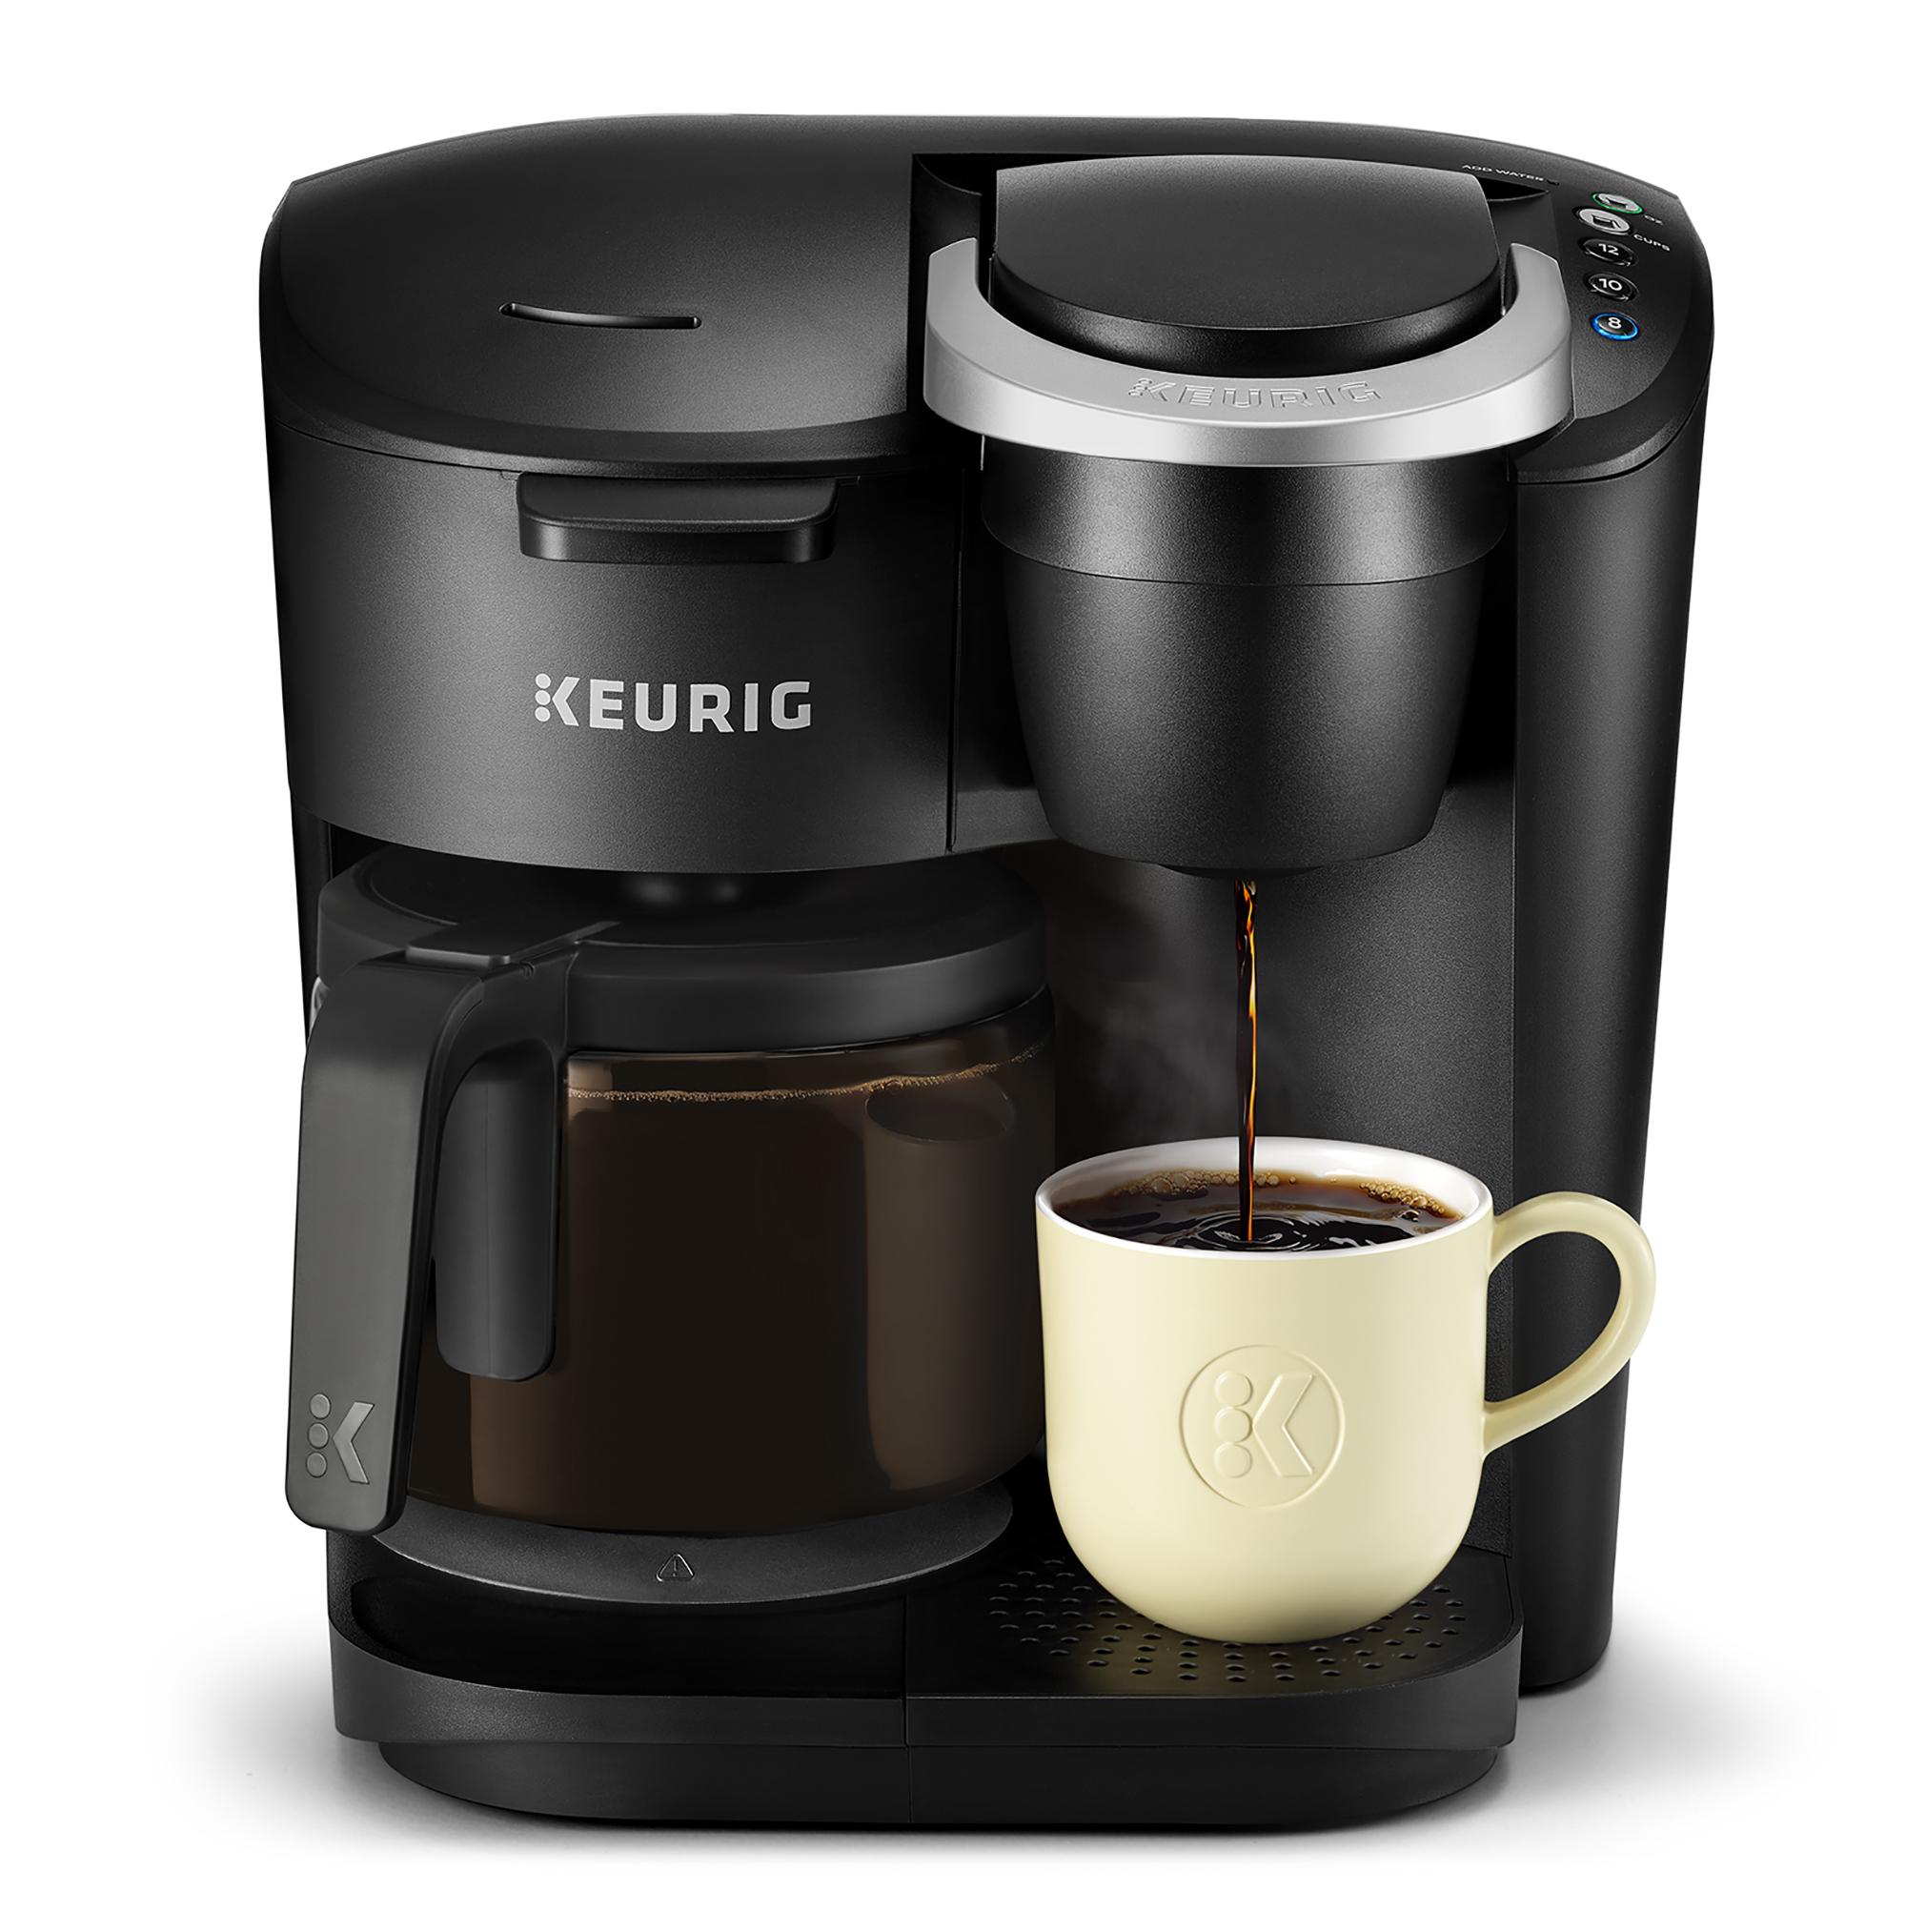 Keurig K-Duo Essentials Coffee Maker $99